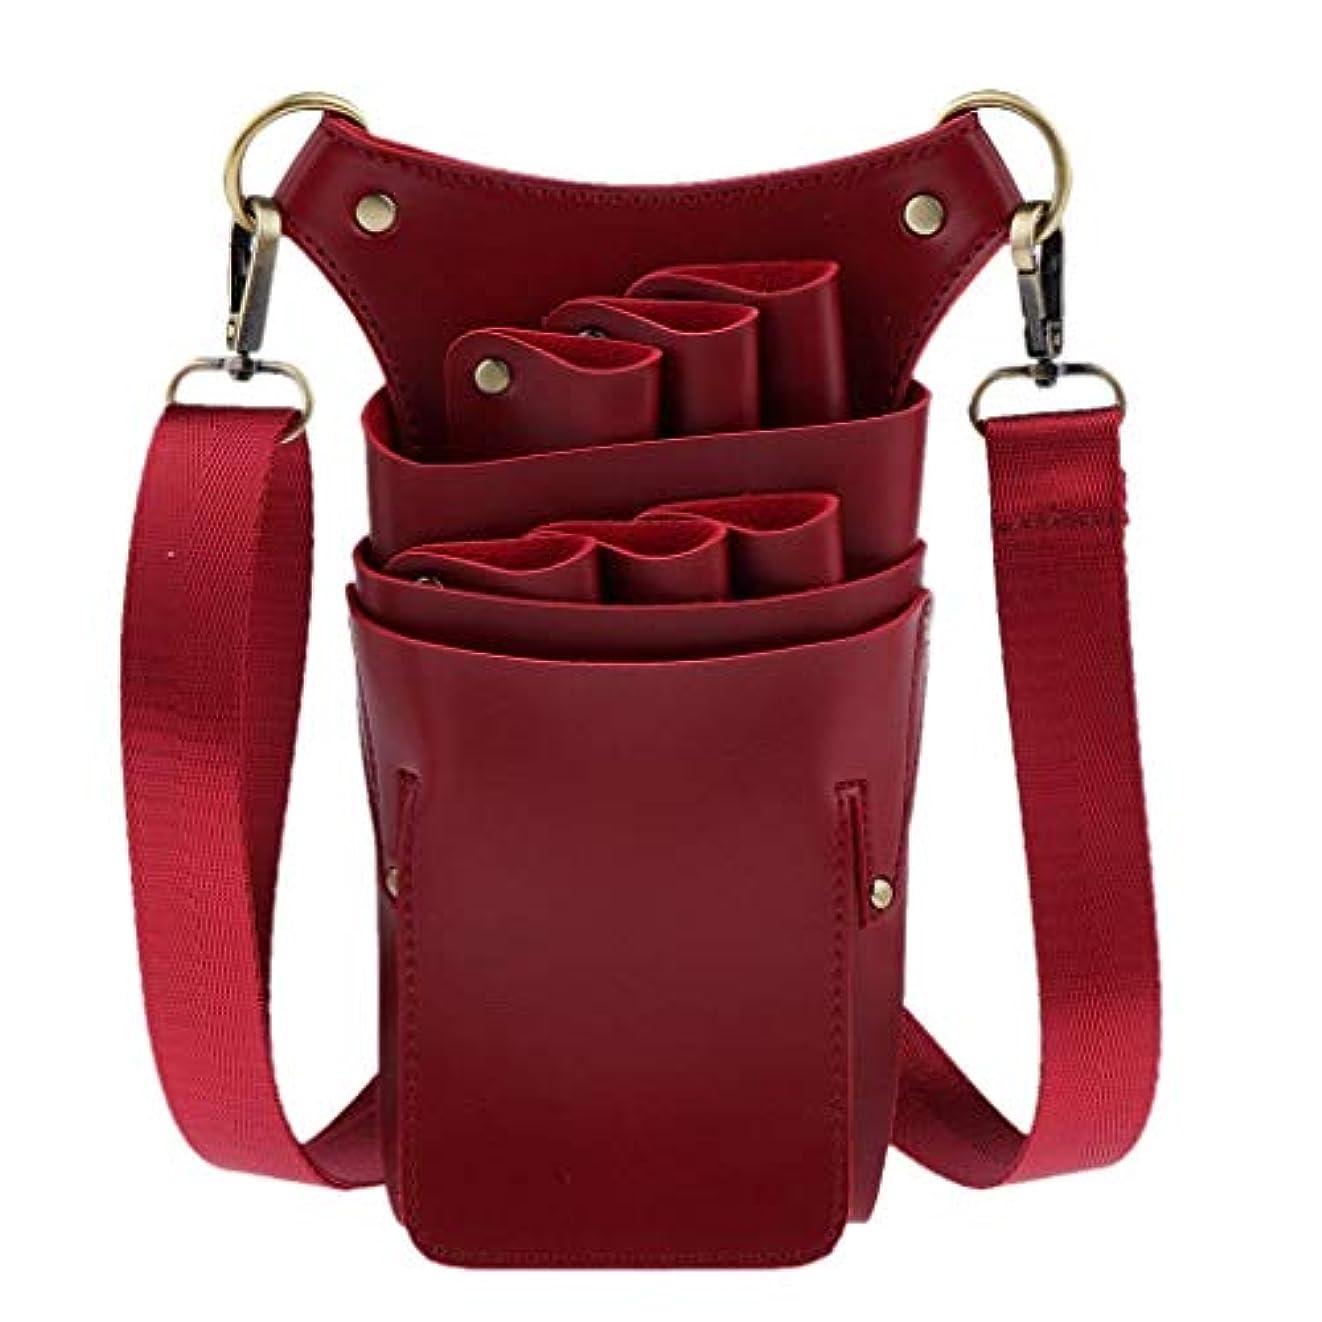 割合タンクコンクリートYWAWJ 美容のためのPUレザーはさみホルスター、サロンヘアースタイリスト理容はさみせん断理髪ホルダーポーチケース (Color : Red)